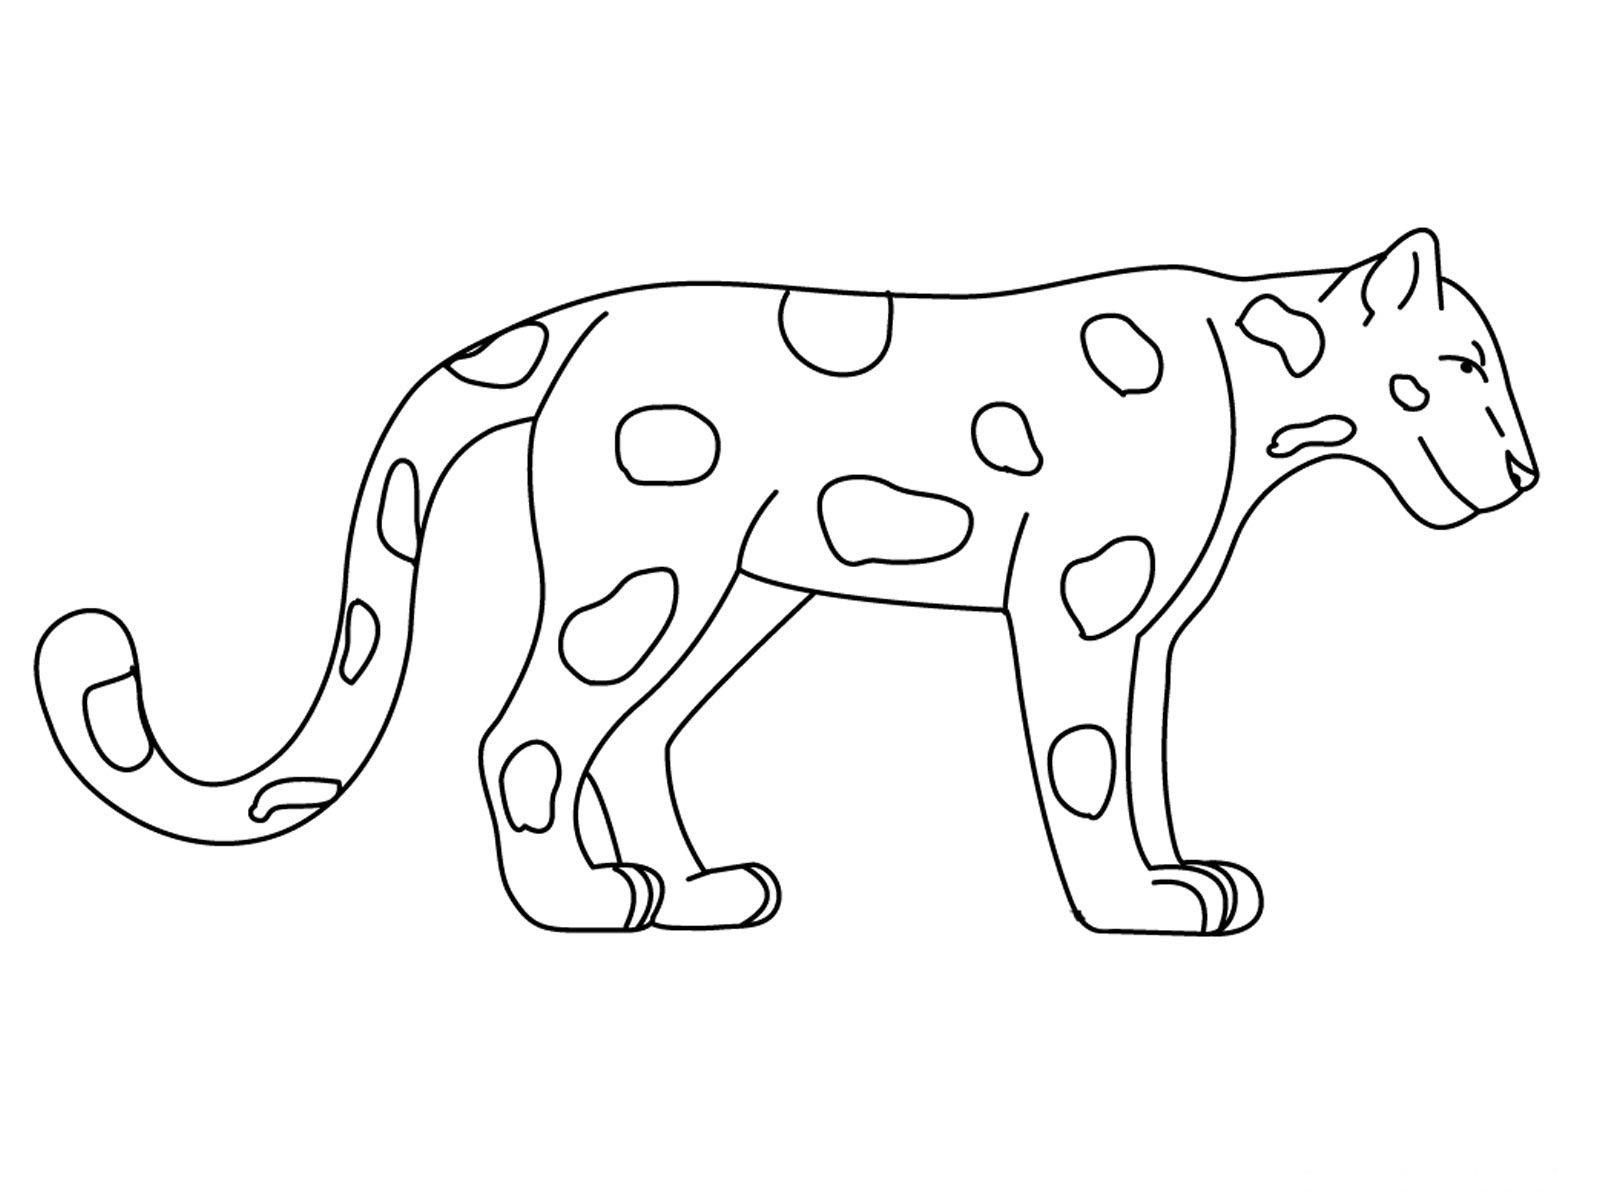 Jaguar Coloring Pages To Print Jaguar Coloring Pages To Print Fresh Jaguar Outline Free Printable Jaguar Animal Animal Coloring Pages Rainforest Animals